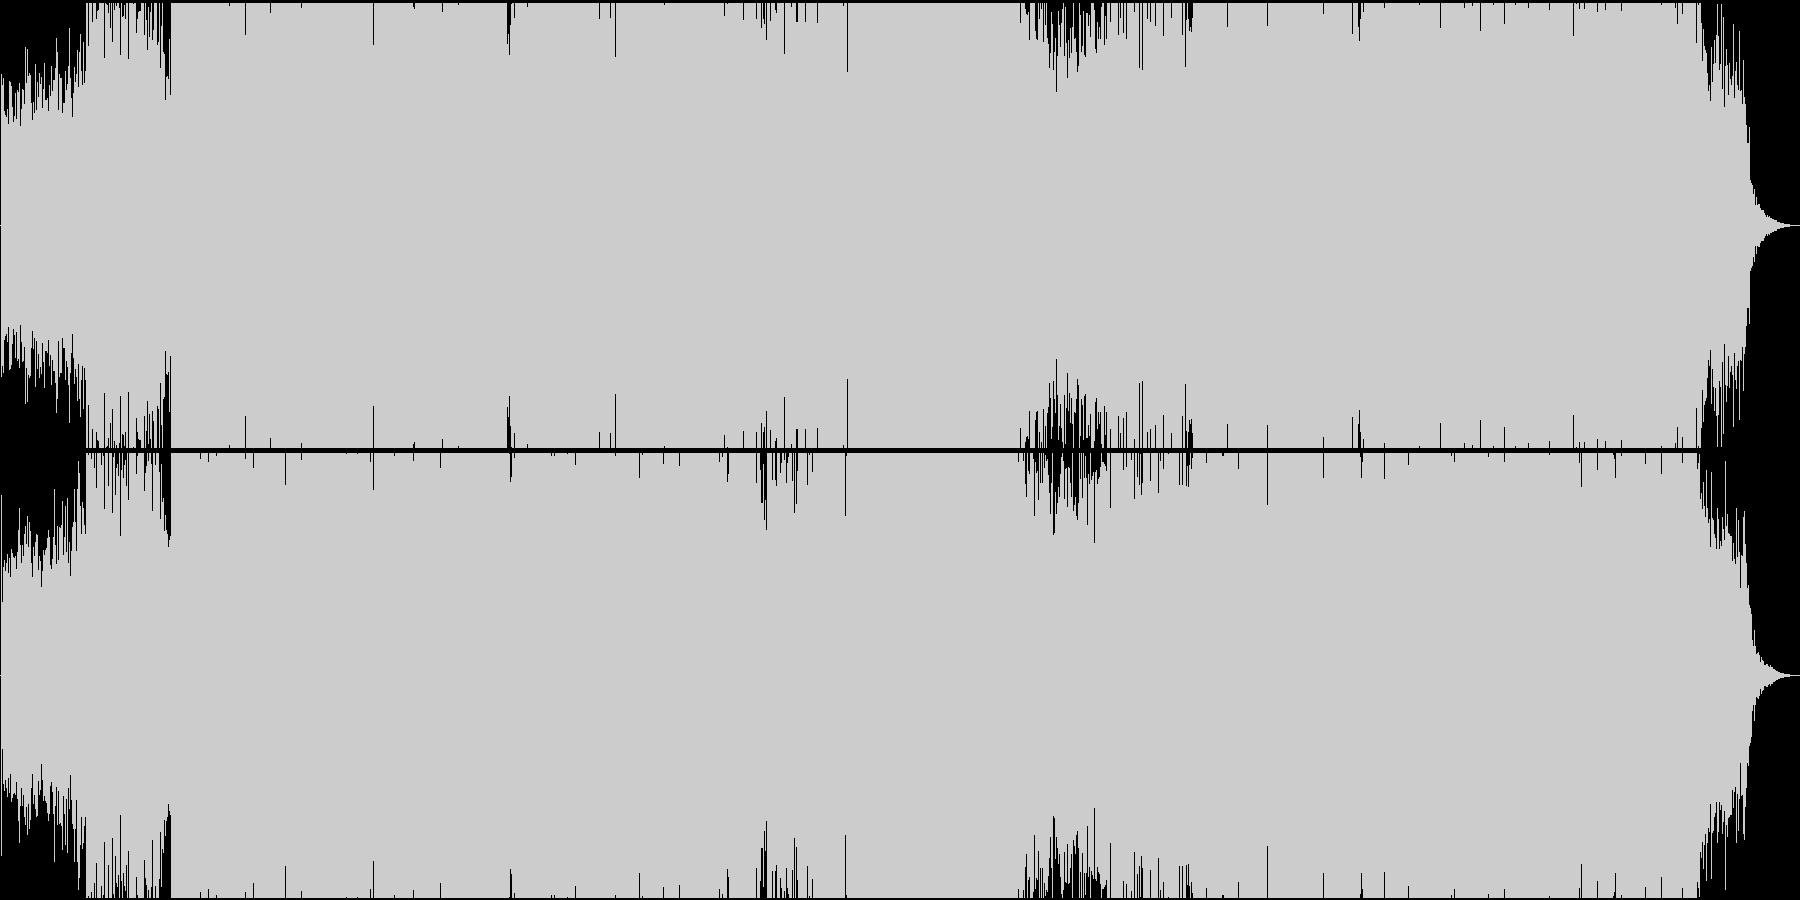 「ダッタン人の踊り」トランス系アレンジの未再生の波形